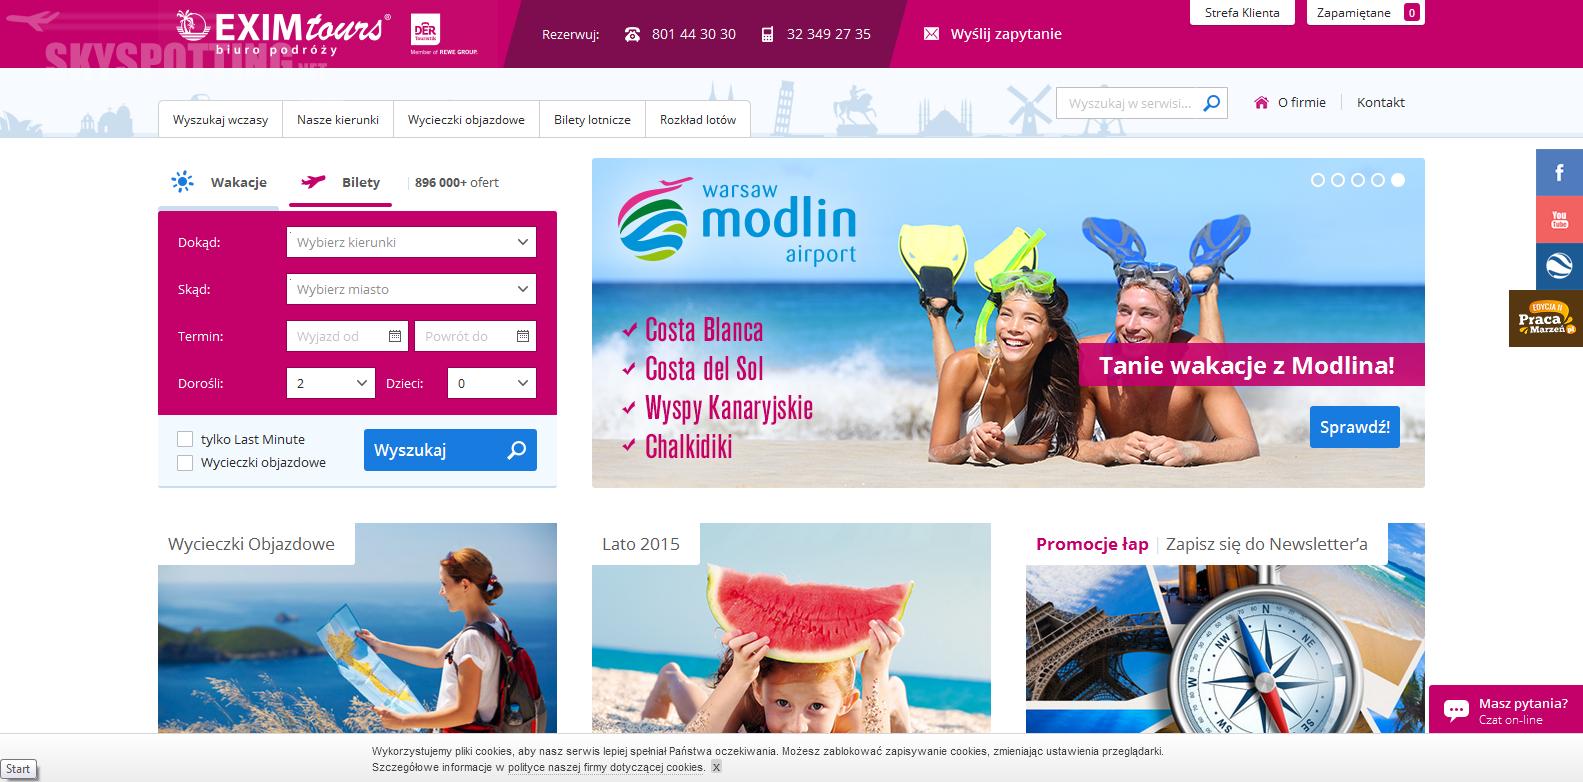 Lotnisko Warszawa/Modlin: Zapraszamy na wakacje z EXIM Tours!